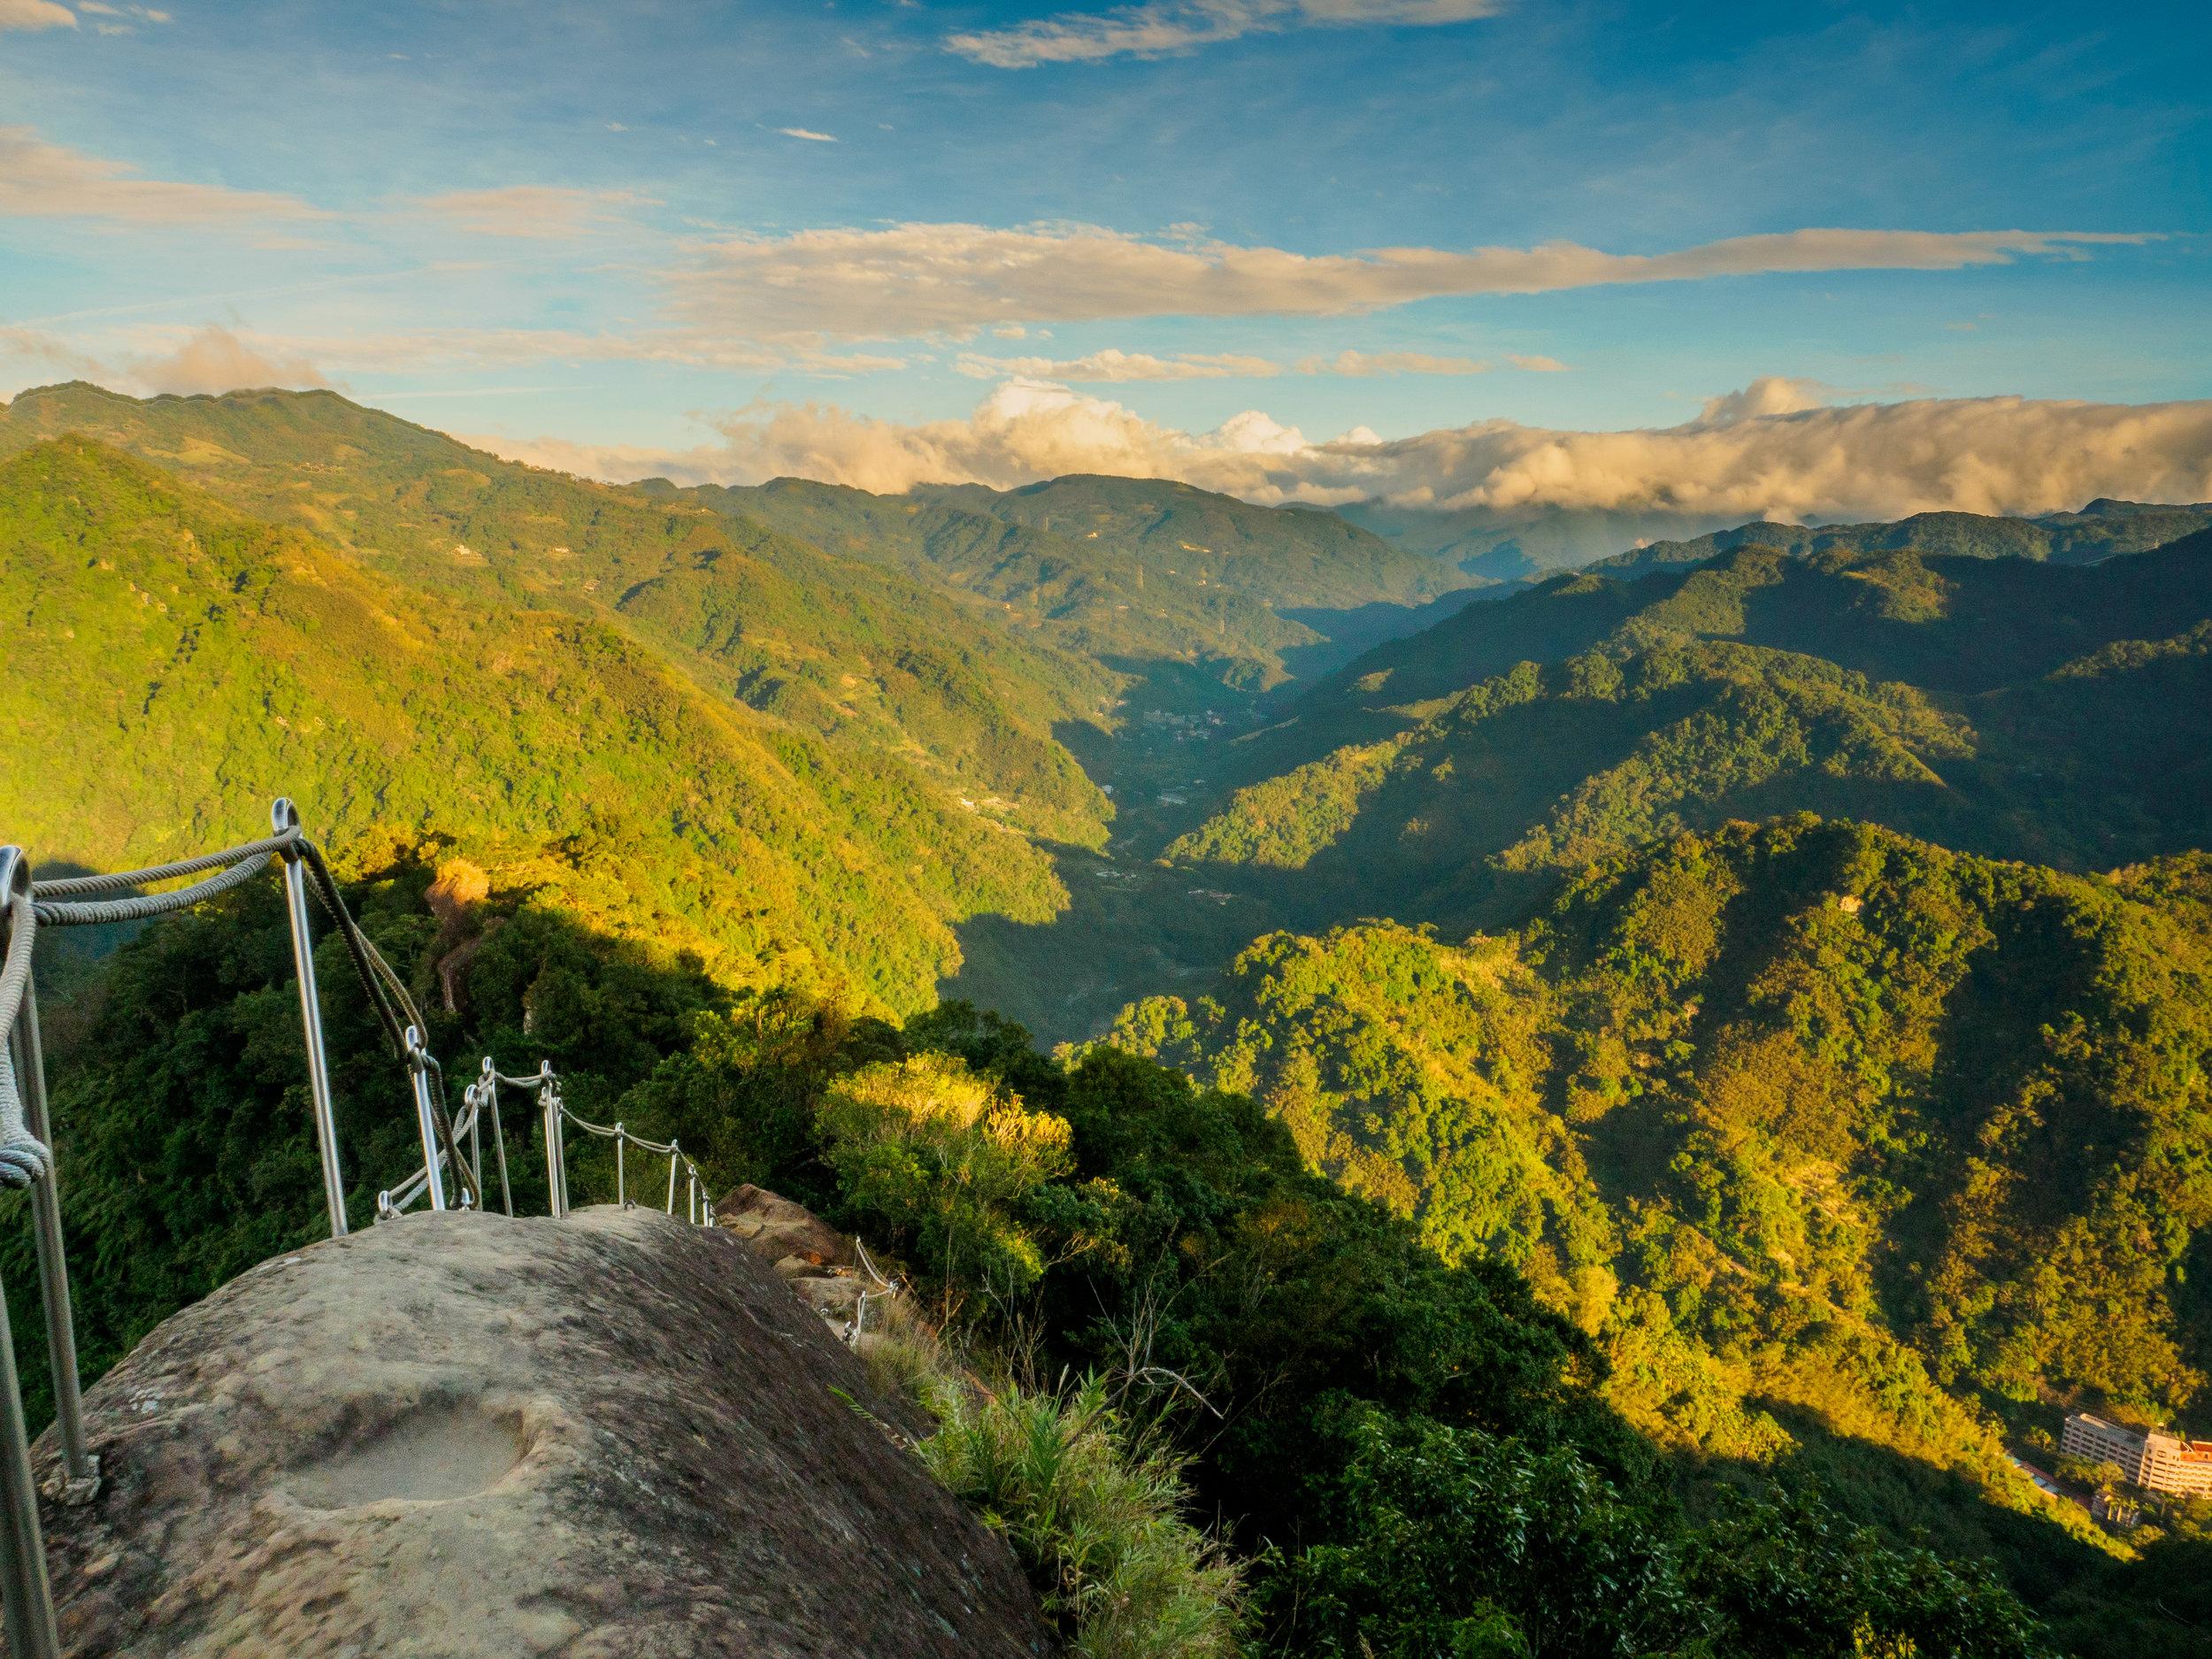 Wuliaojian - Hiking Guide